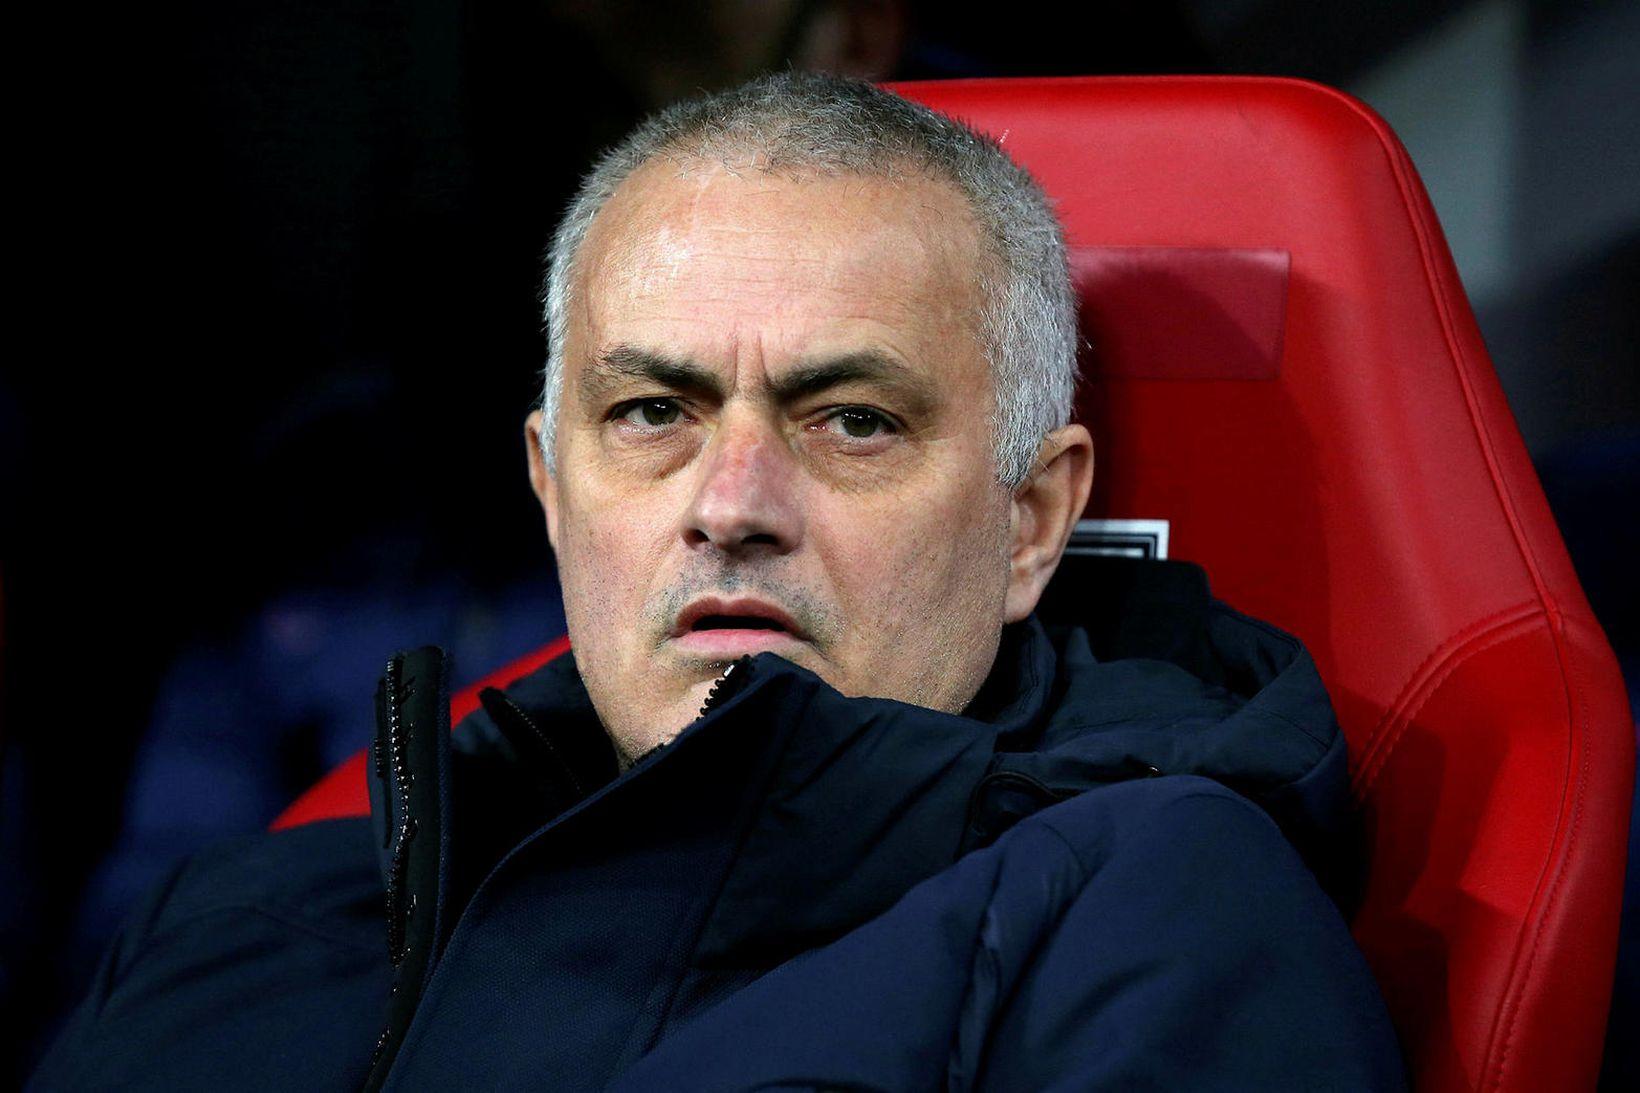 José Mourinho var með leikmann á séræfingu í almenningsgarði.